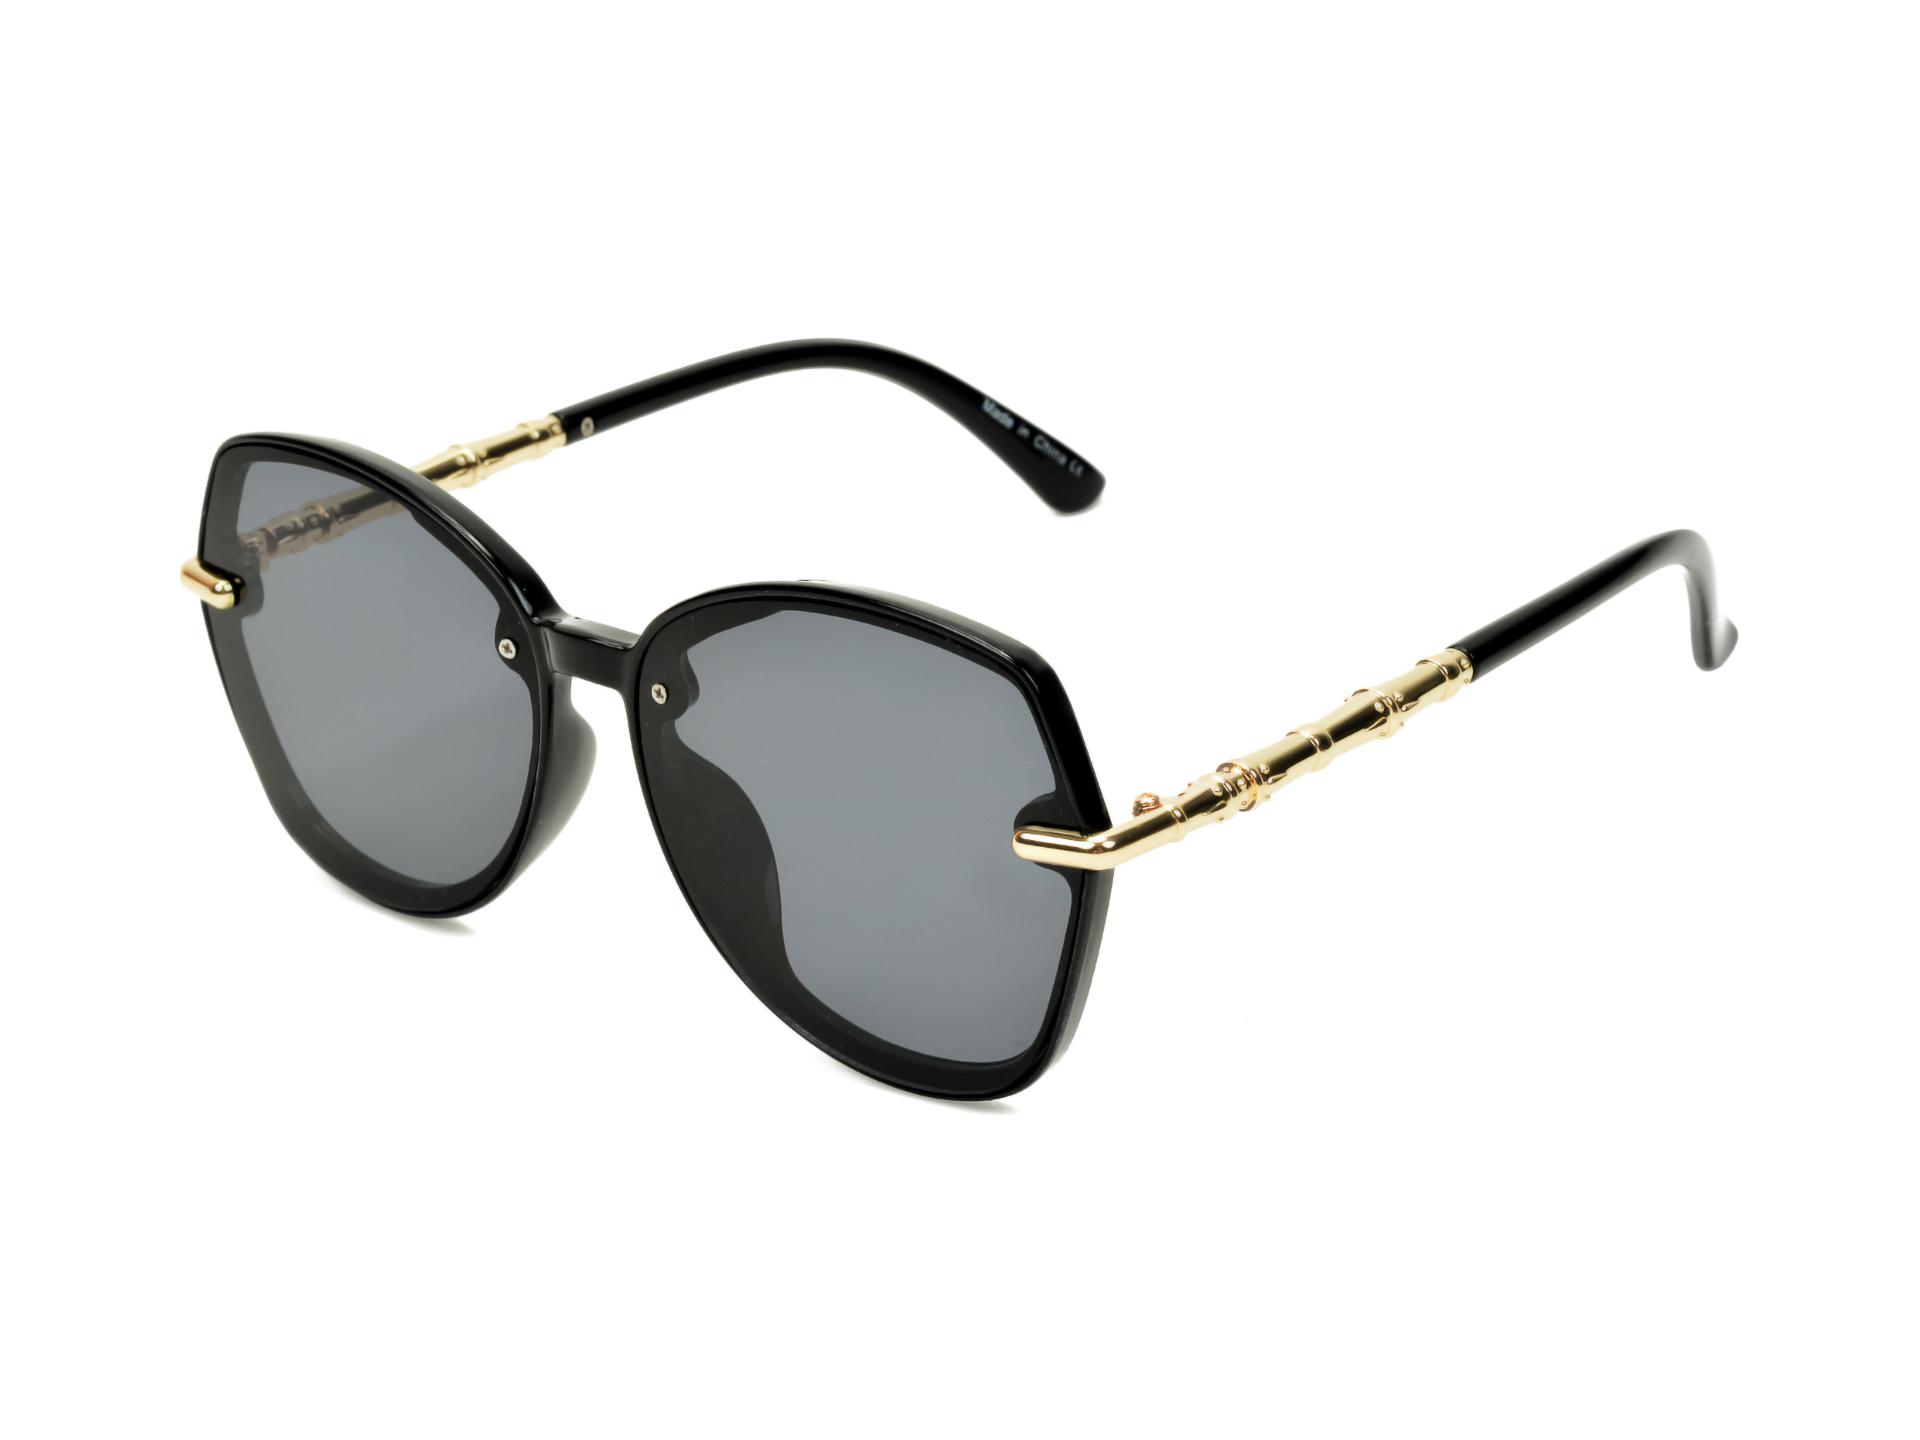 Ochelari de soare ALDO negri, Cortegaca970, din PVC imagine